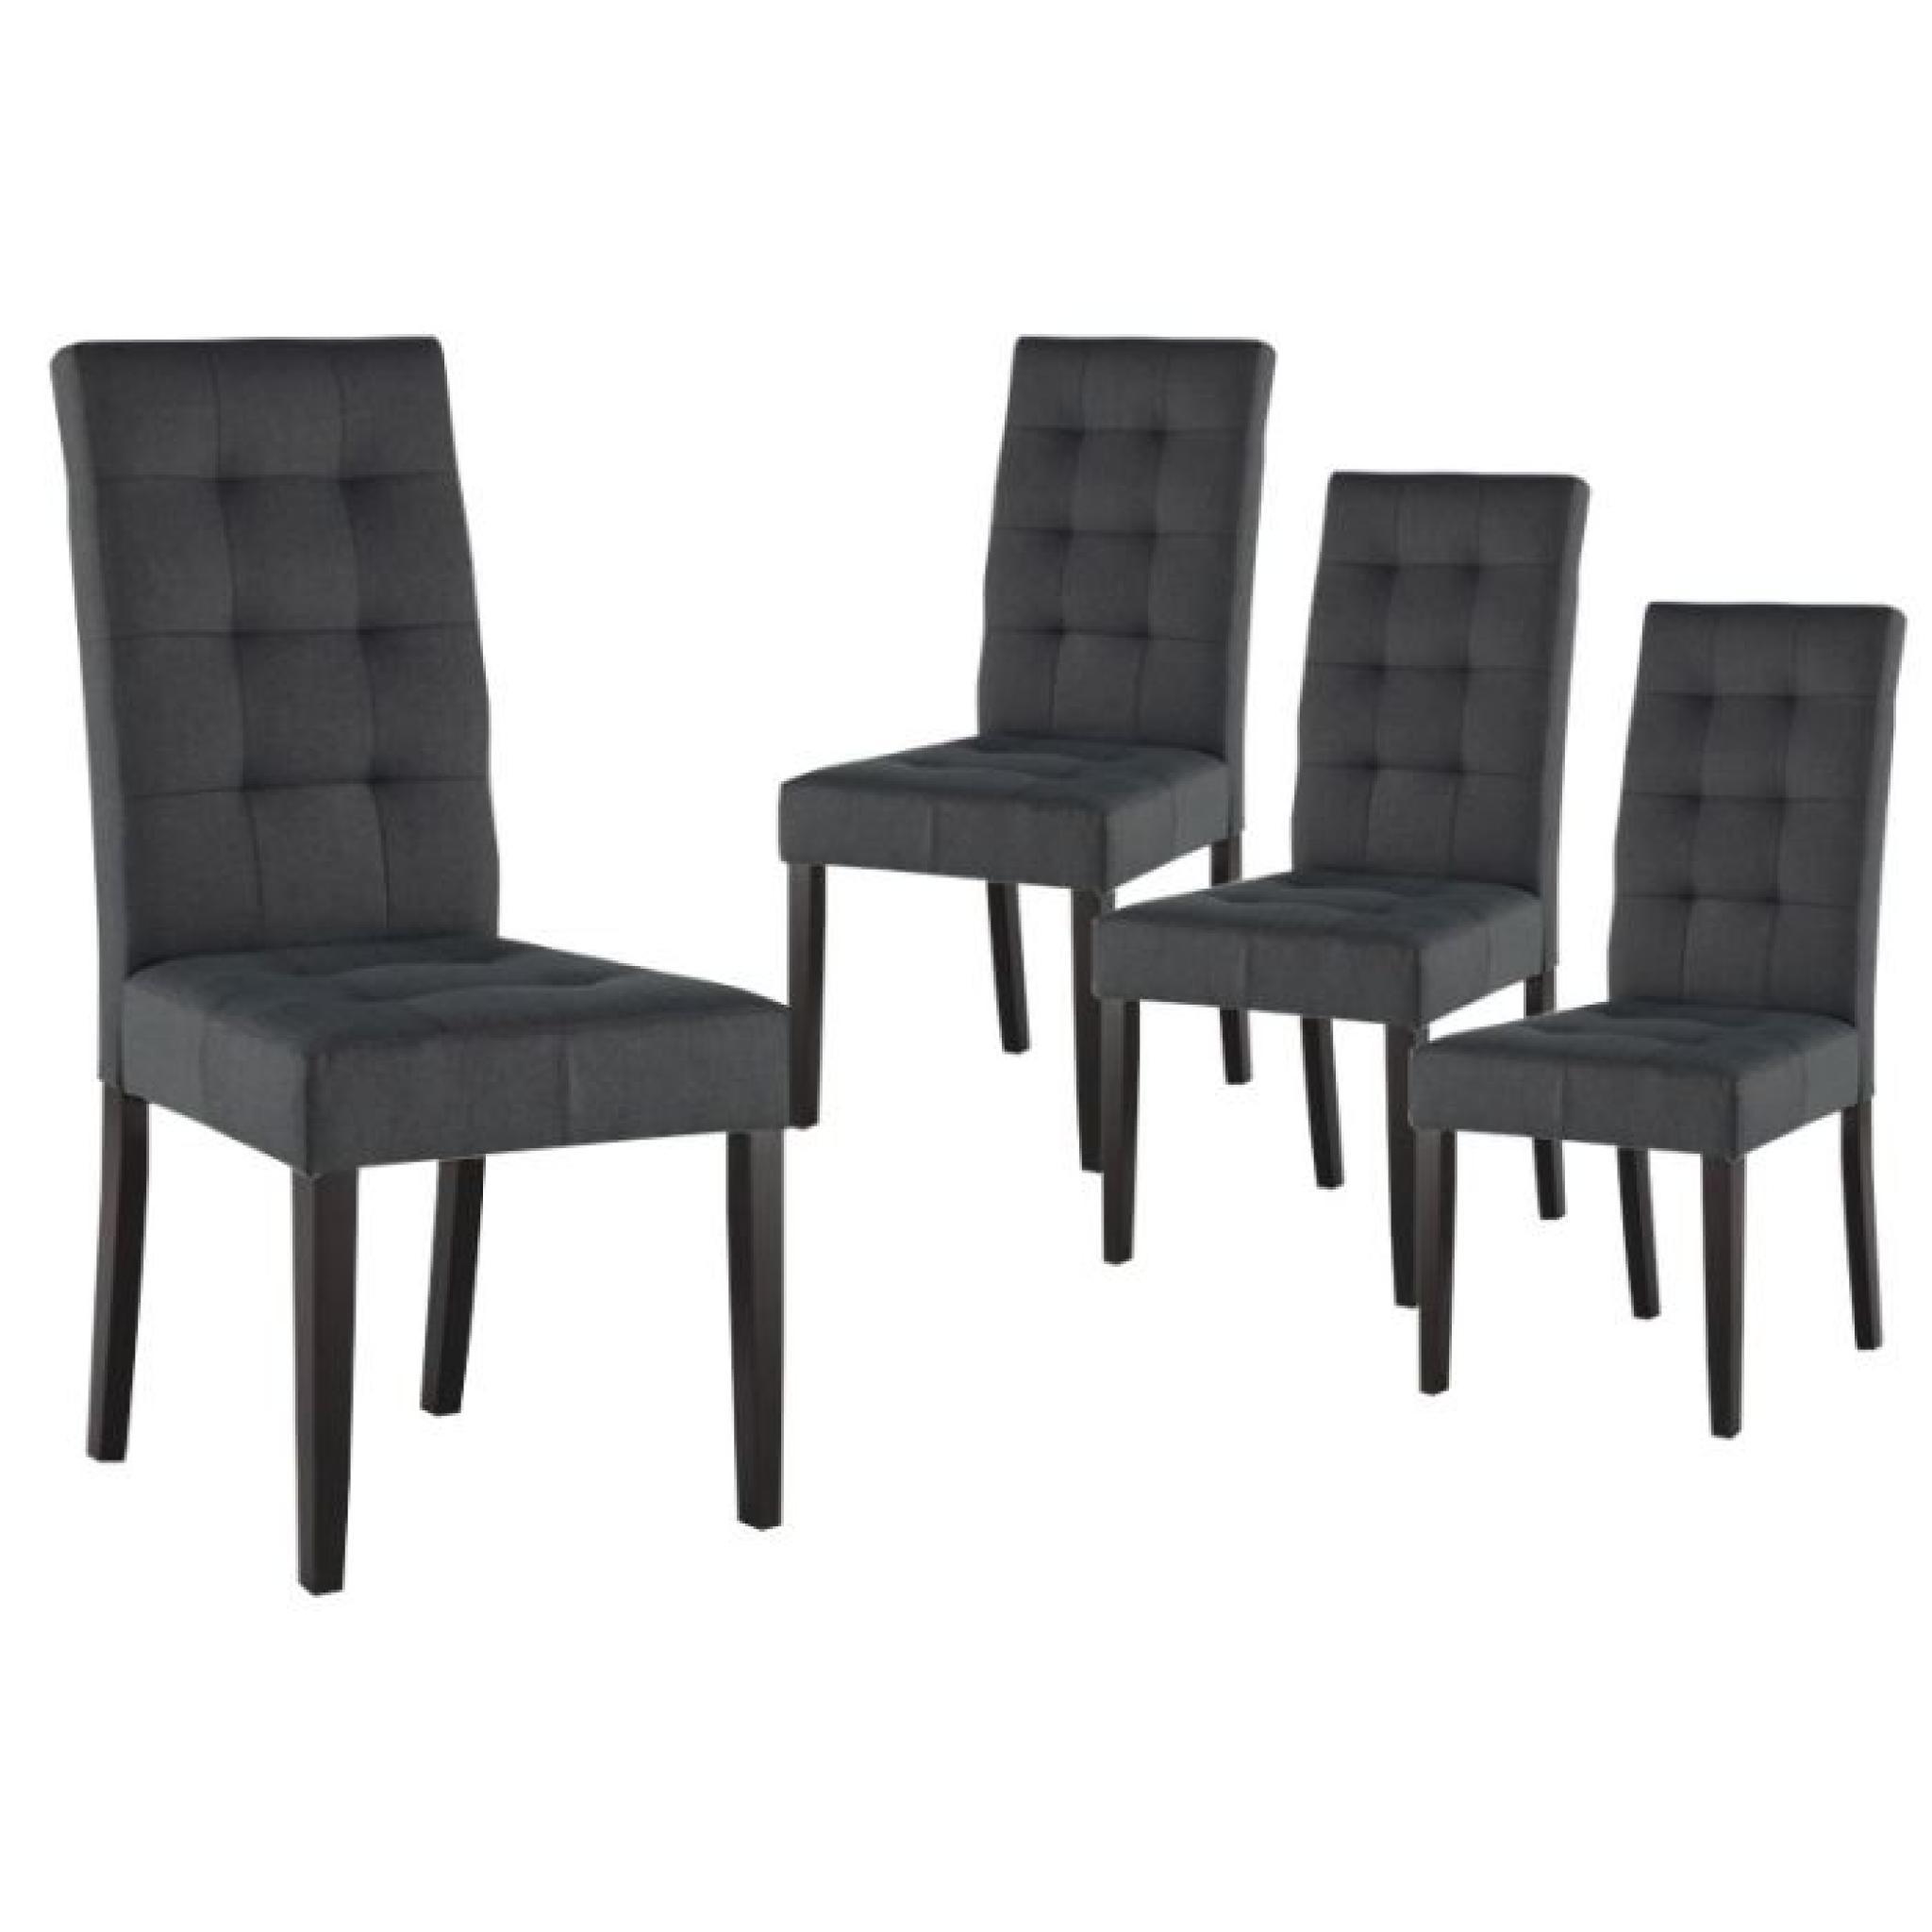 eden lot 4 chaises gris fonce achat vente chaise salle a manger pas cher couleur et design fr